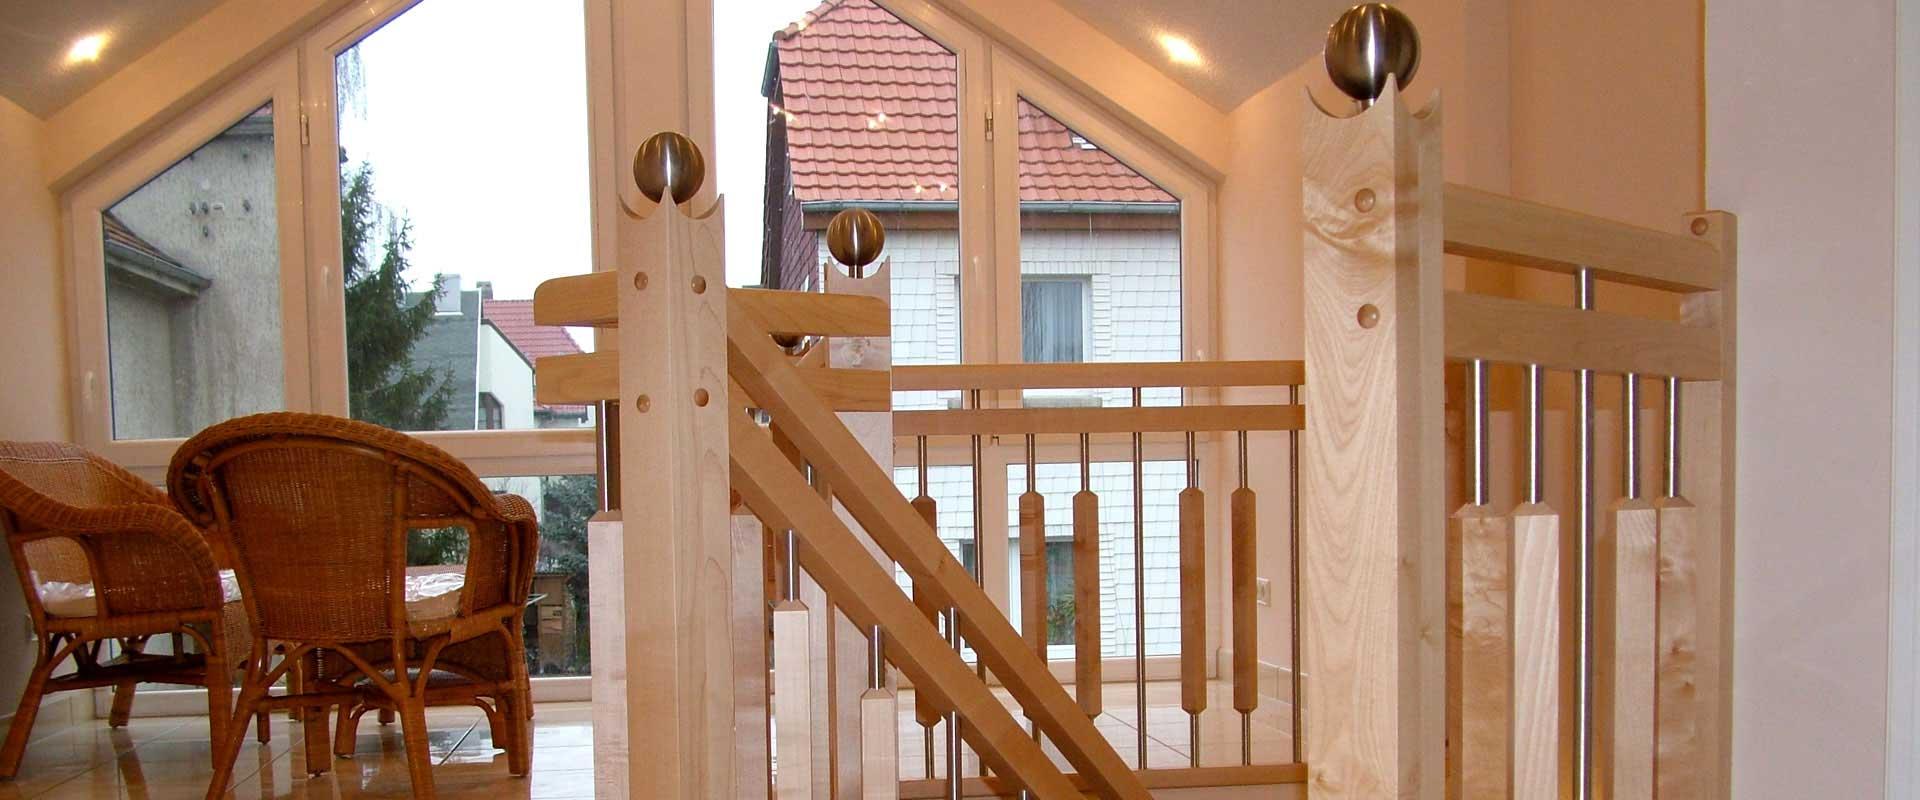 Leben und Wohnen mit Holz